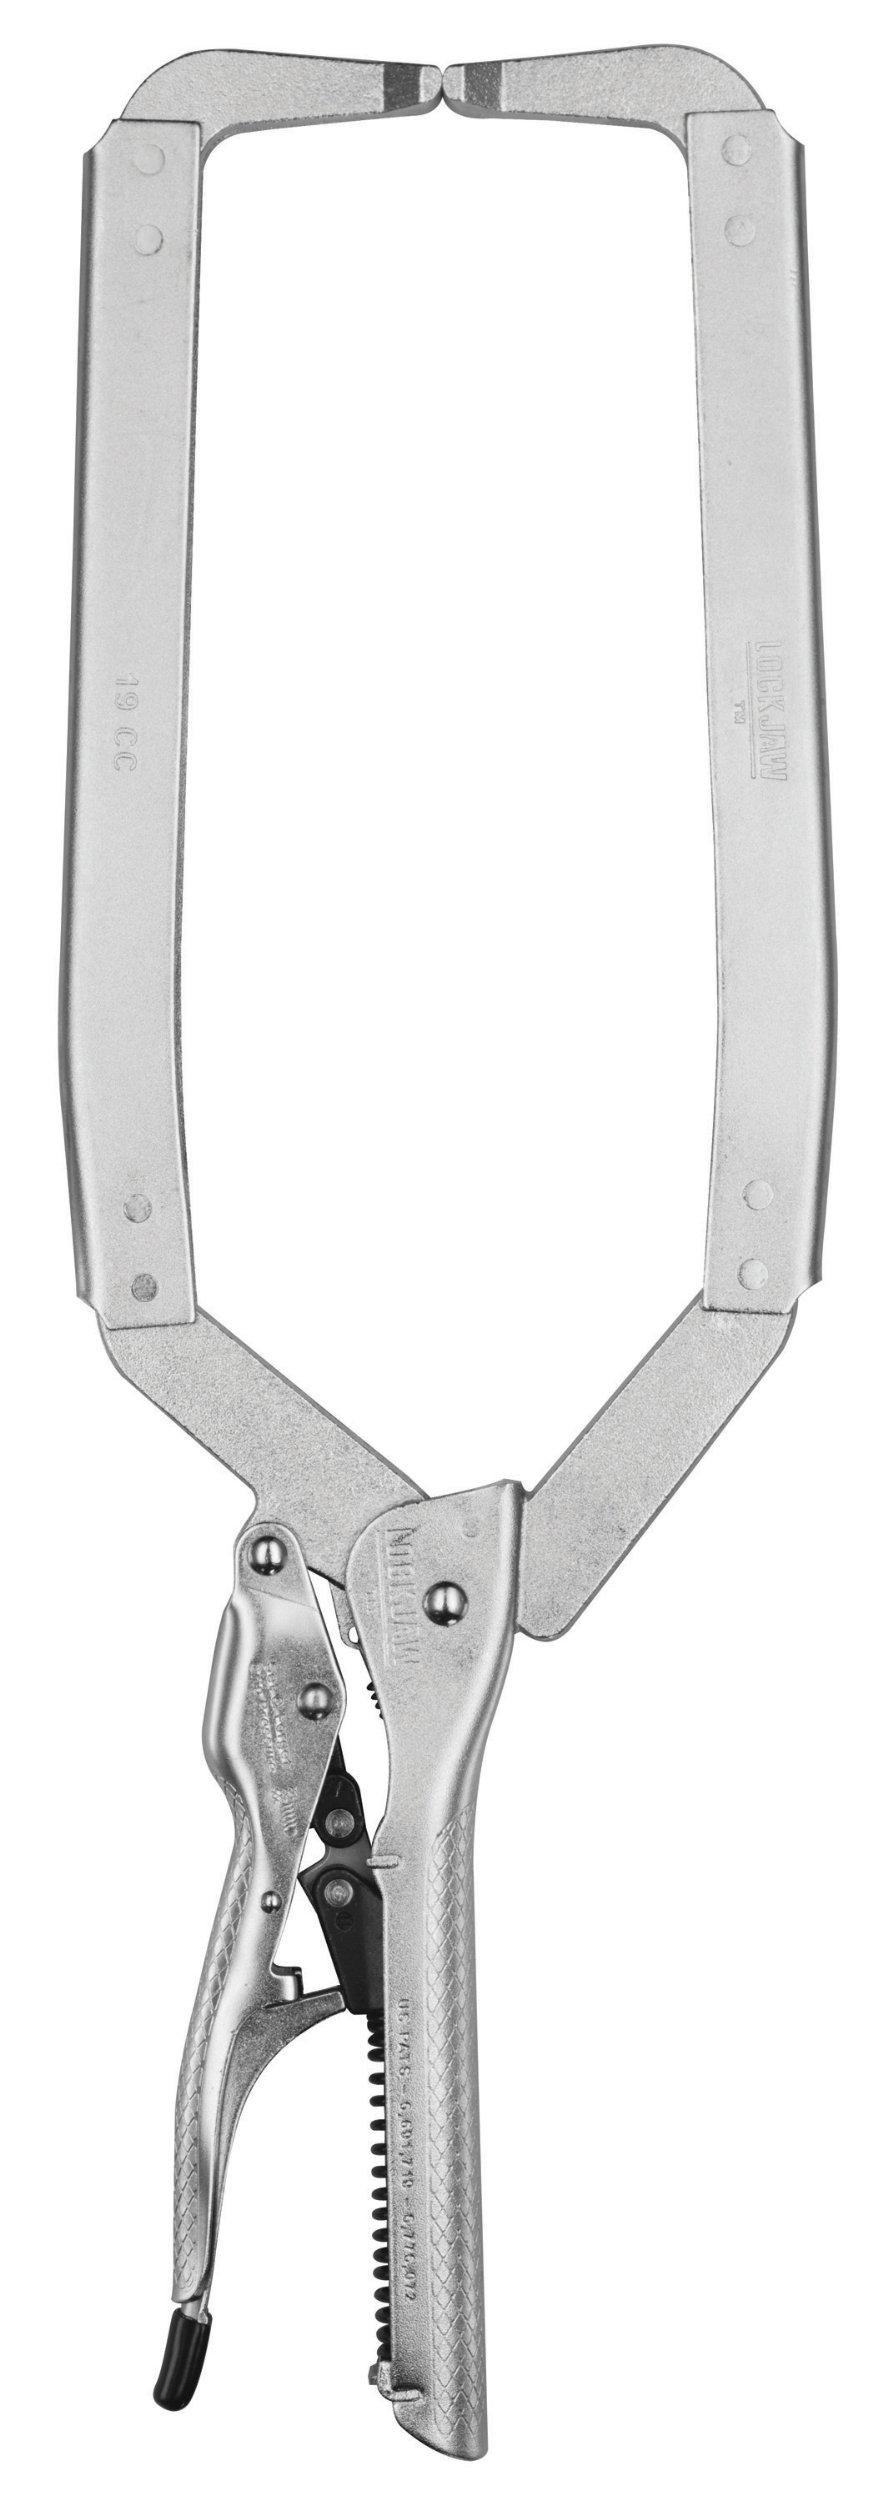 CH Hanson 18200 19-Inch Self-Adjusting Locking Long Reach C-Clamp by C.H. Hanson